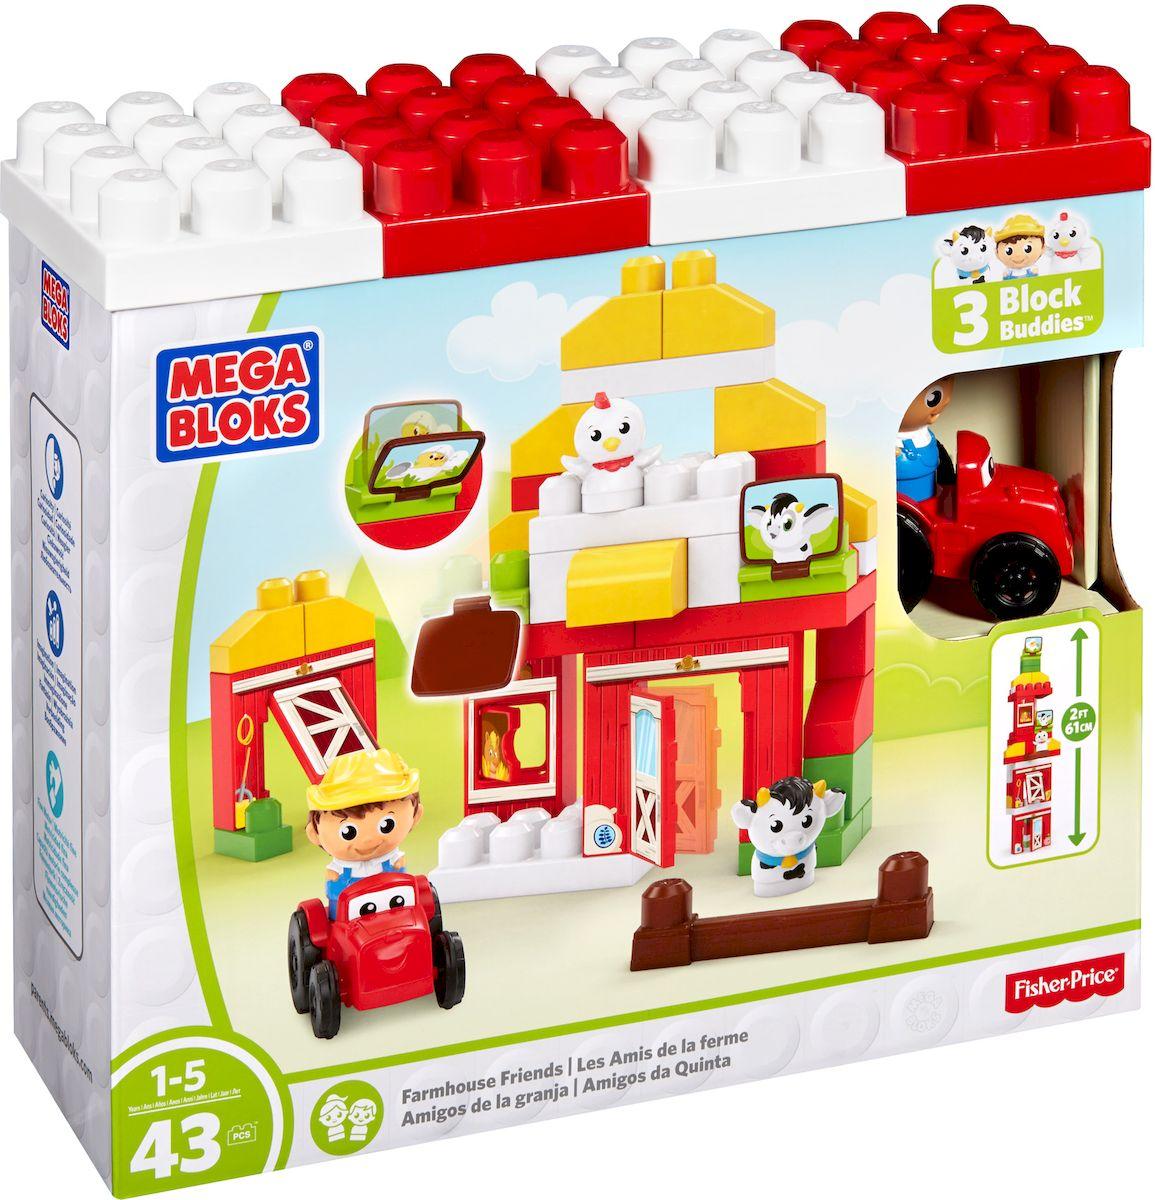 Mega Bloks First Builders Конструктор Друзья на фермеDPJ57Конструктор Mega Bloks First Builders. Друзья на ферме является прекрасным примером набора, стимулирующего воображение. Эта игрушка отправляет детей на приключения на ферме, это целый скотный двор, где вы можете построить дом для коровы и курицы, и фермер приступит к работе. Но дети не ограничиваются традиционным сараем, они могут использовать блоки, чтобы построить что угодно, даже более чем полуметровую башню с насестом для курицы. Придумайте свою ферму! Этот конструктор поставляется с крупными 43 деталями, удобными для маленьких ручек. Они складываются вместе и разъединяются с легкостью, подходят для детей в возрасте от 1 до 5 лет. В комплект также входят специальные детали, такие как подвижные двери и окна, панели для строительства здания еще выше и быстрее. В дополнение к корове и курочке, в комплекте также имеются подвижный трактор и фермер.